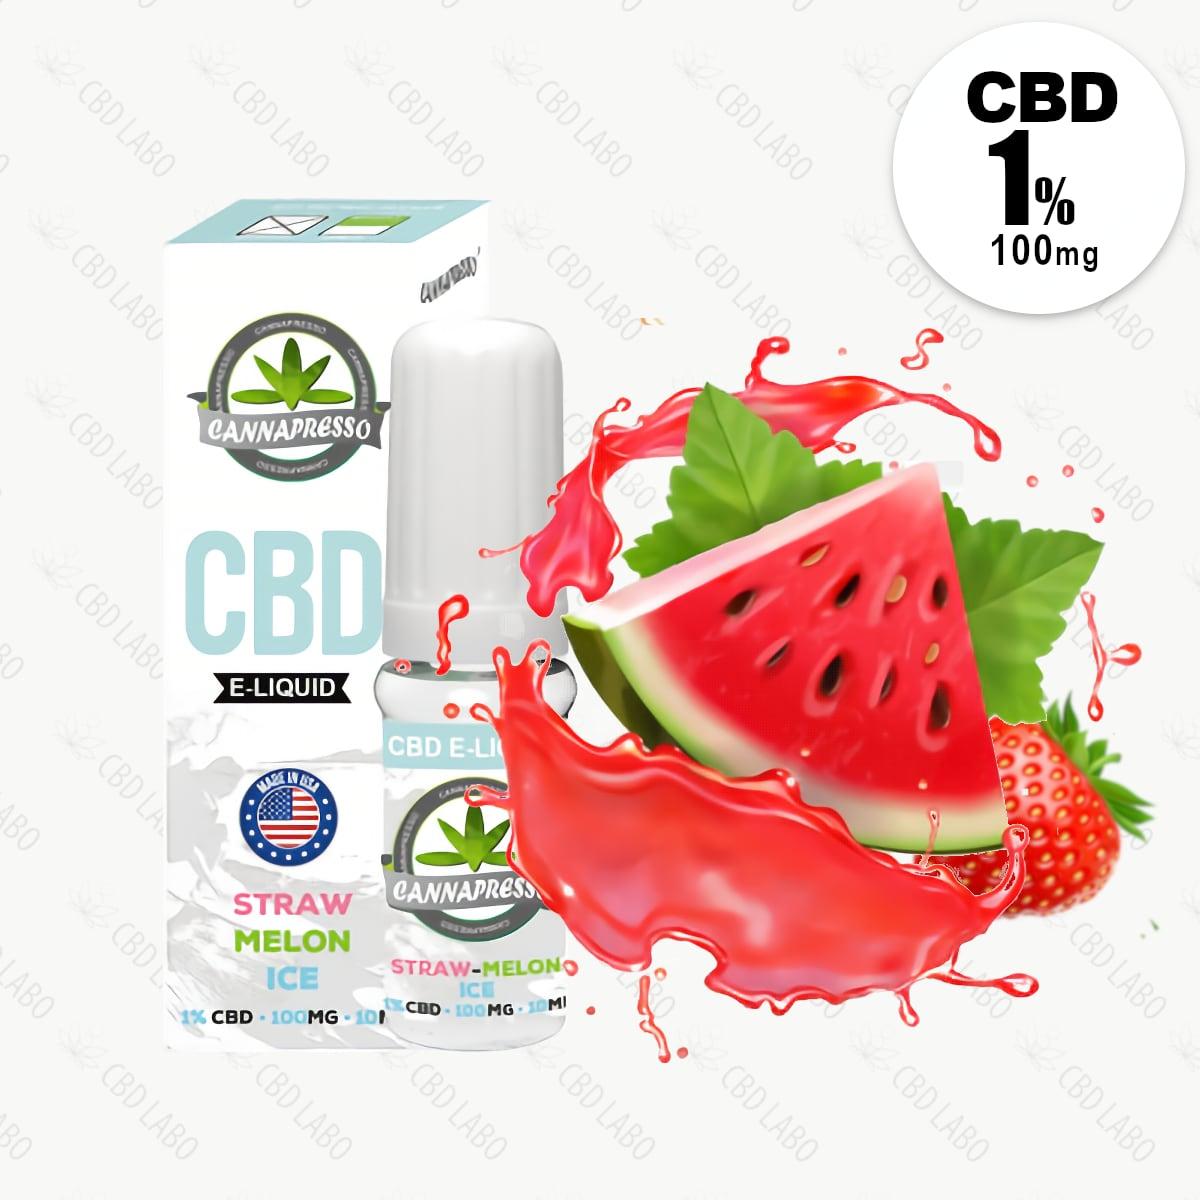 【送料無料】CANNAPRESSO CBDリキッド ストローメロンアイス 10ml CBD含有量100mg (1%)